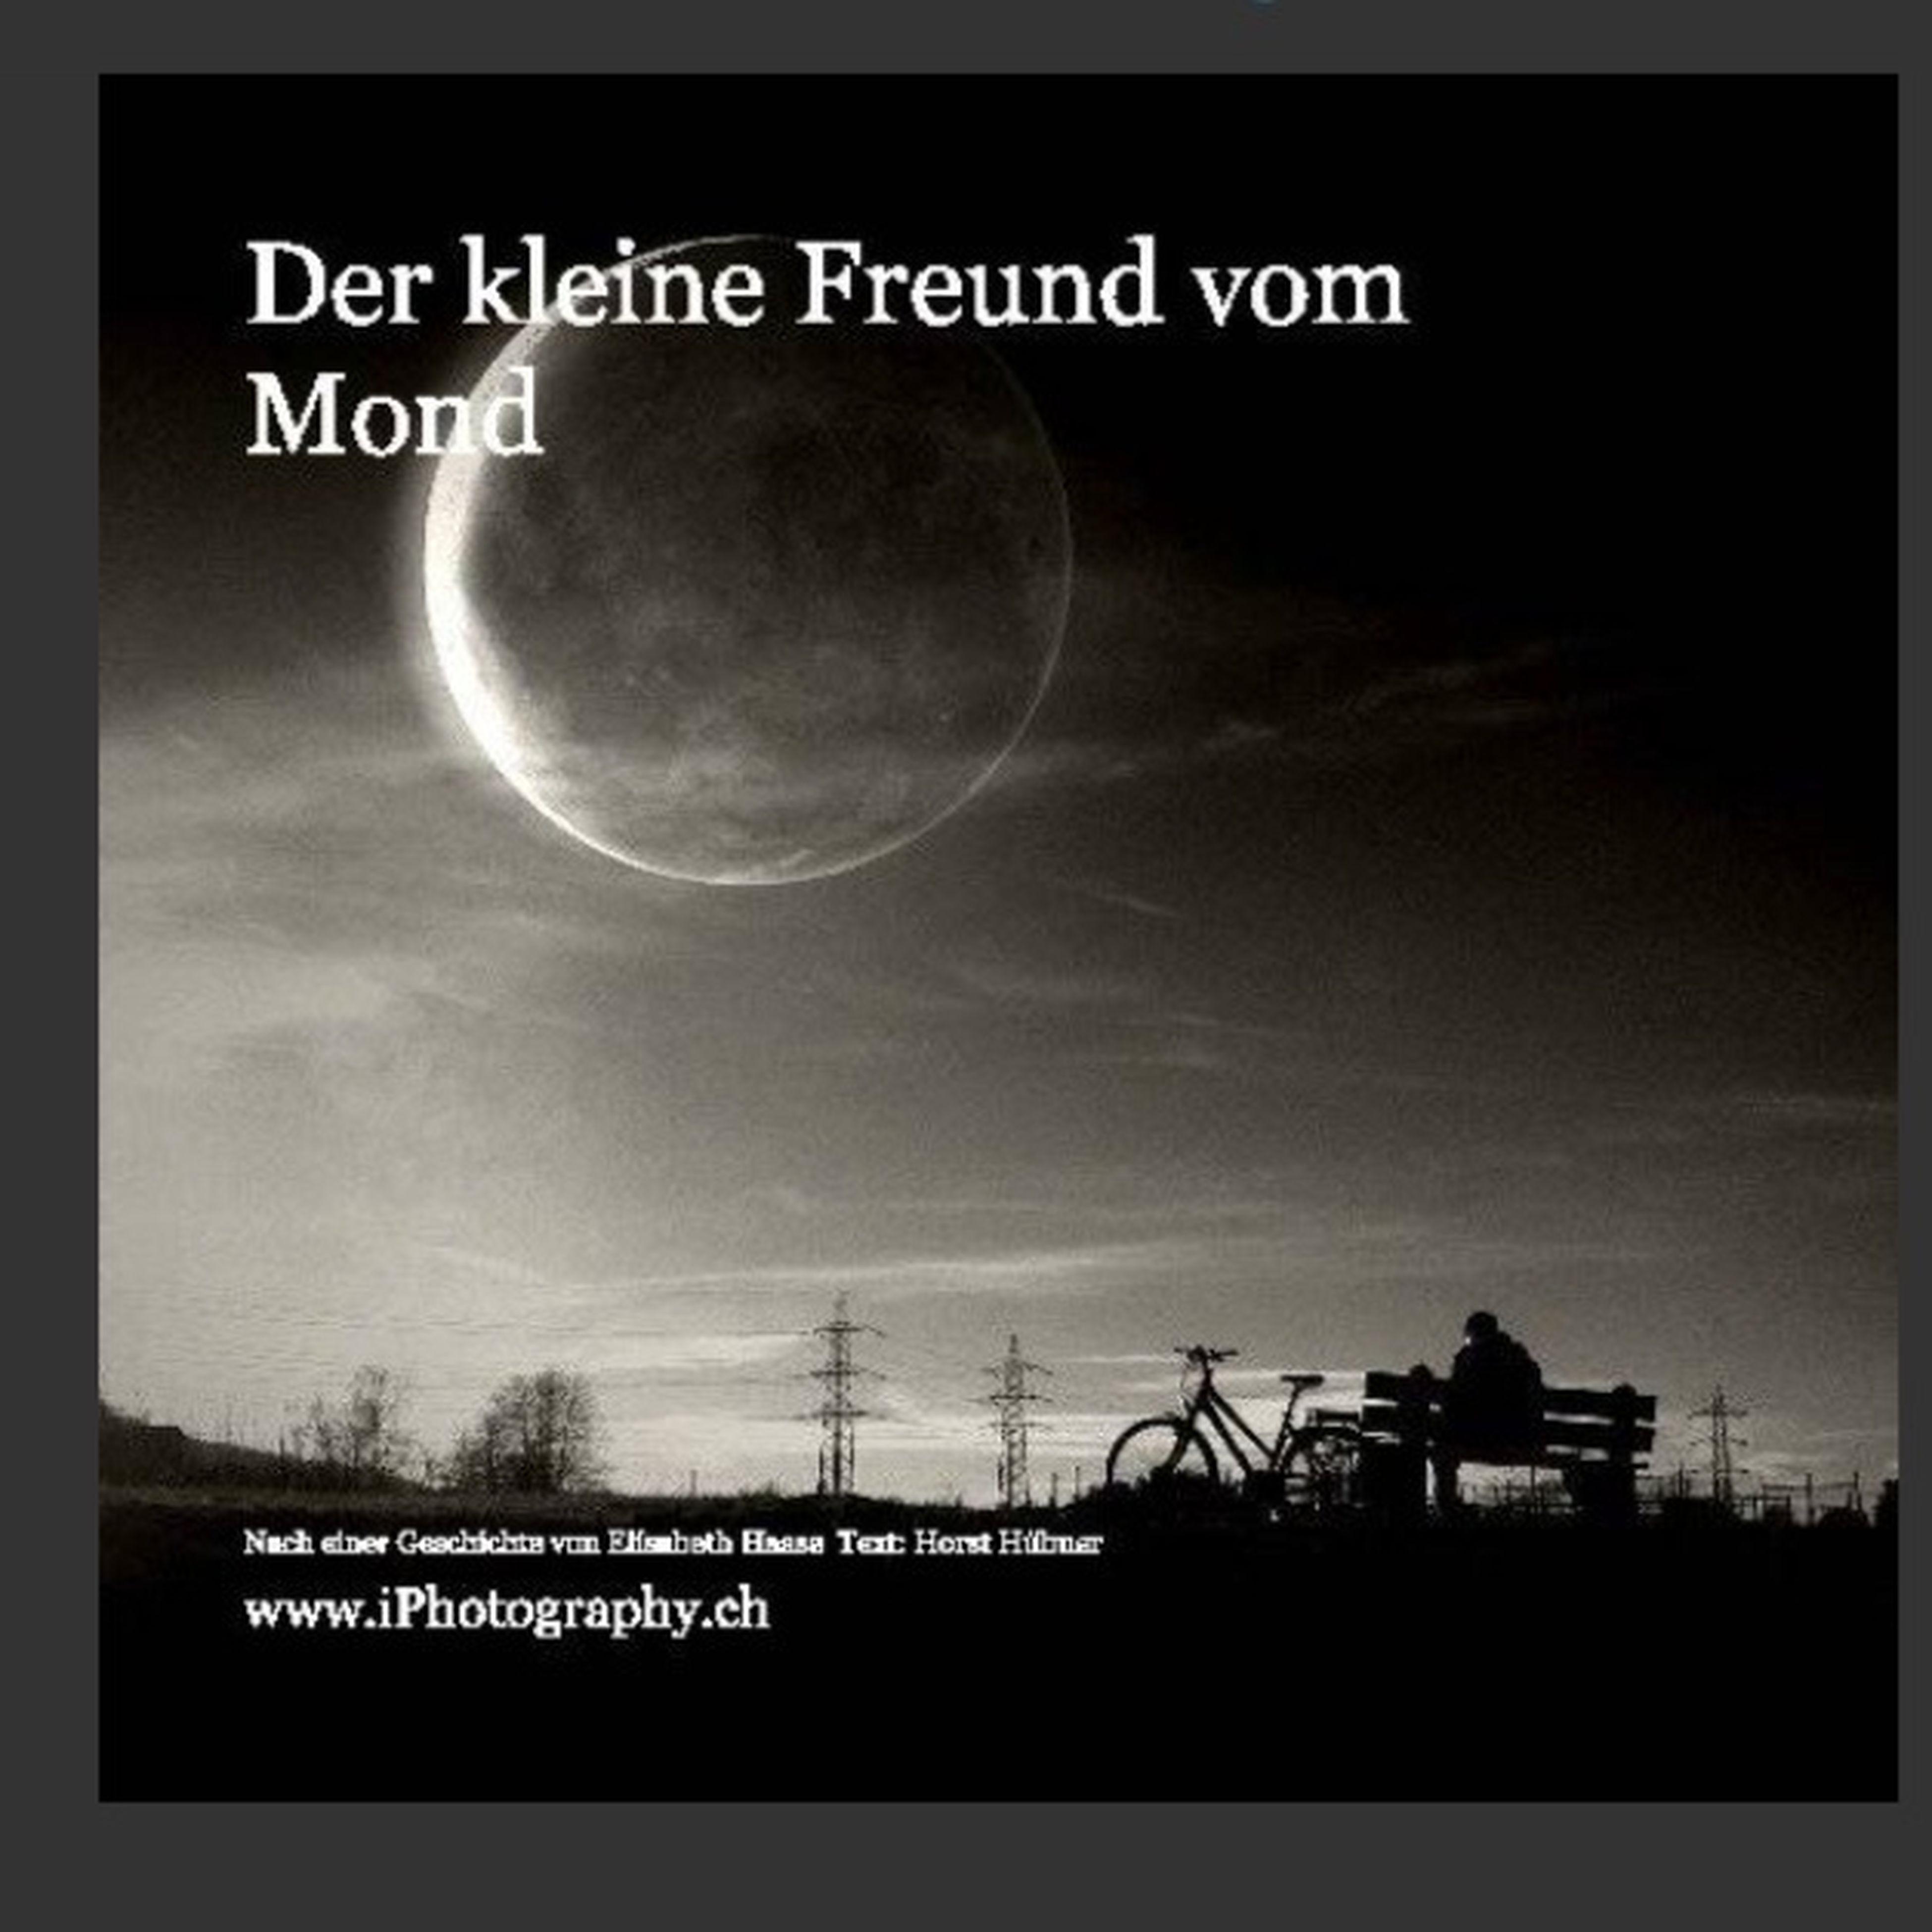 Der kleine Freund vom Mond http://t.co/zgM0dcYfbk IPhoneography Buy A Book/ebook @Blurb